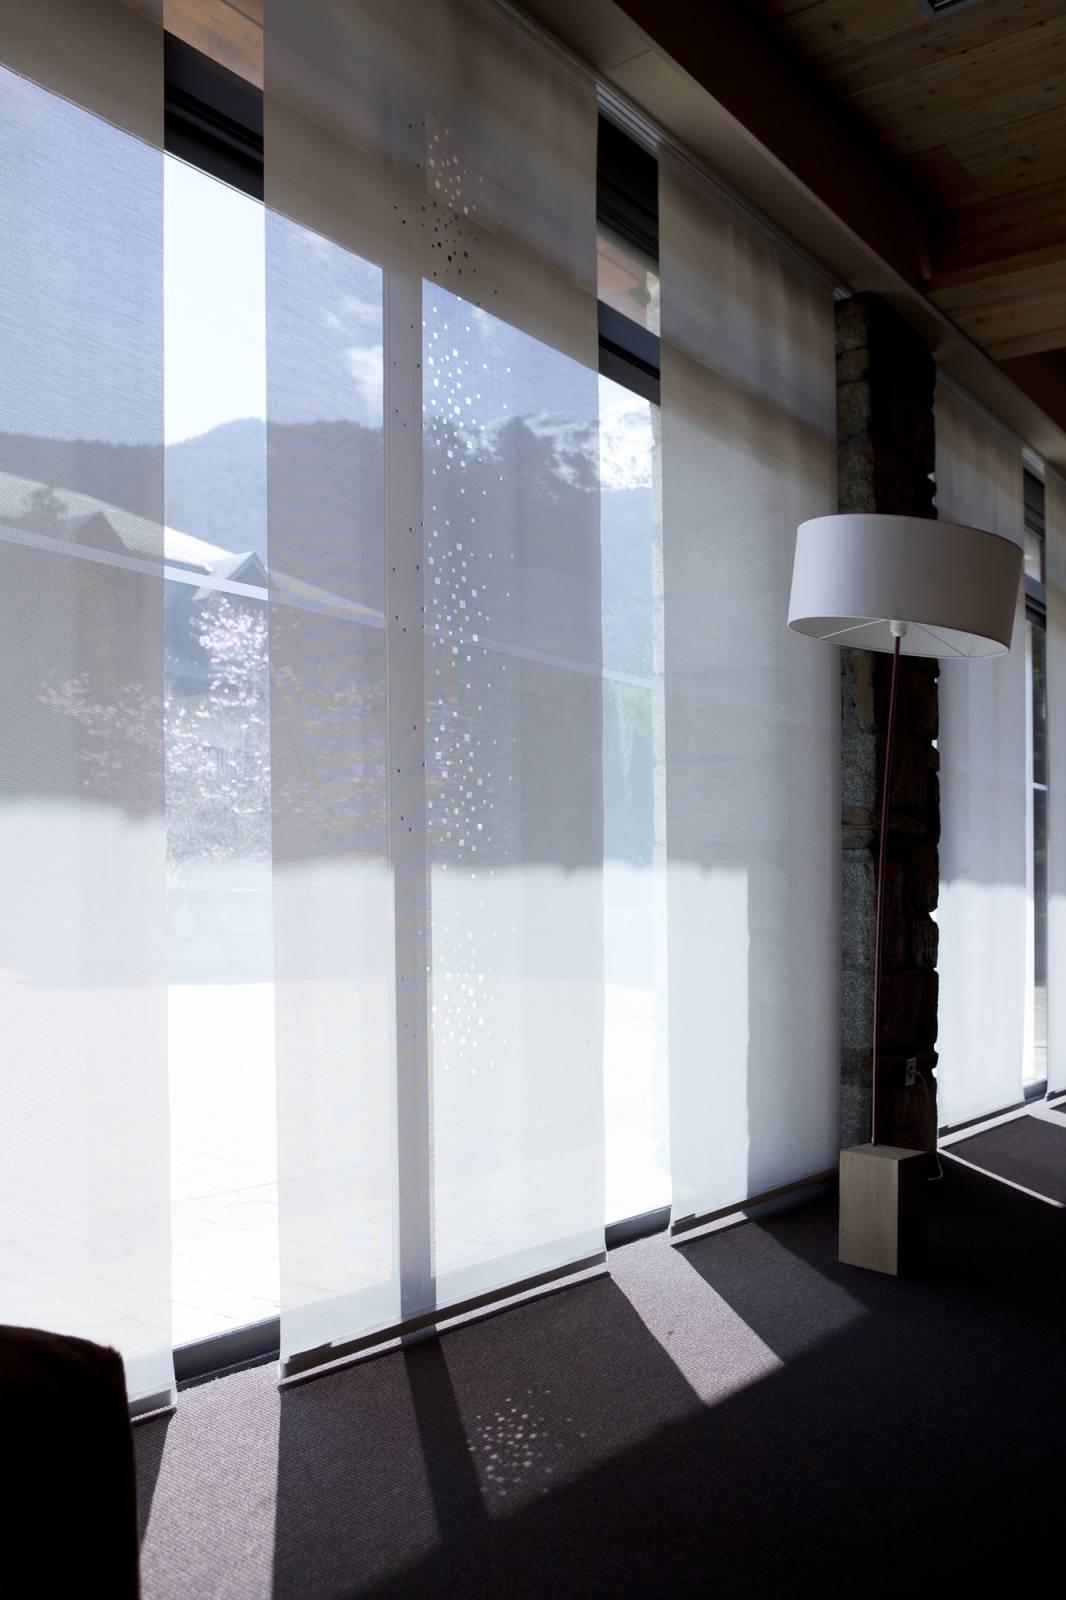 Panneau Japonais Fenetre Pvc petites fenêtres / panneau japonais écran solaire